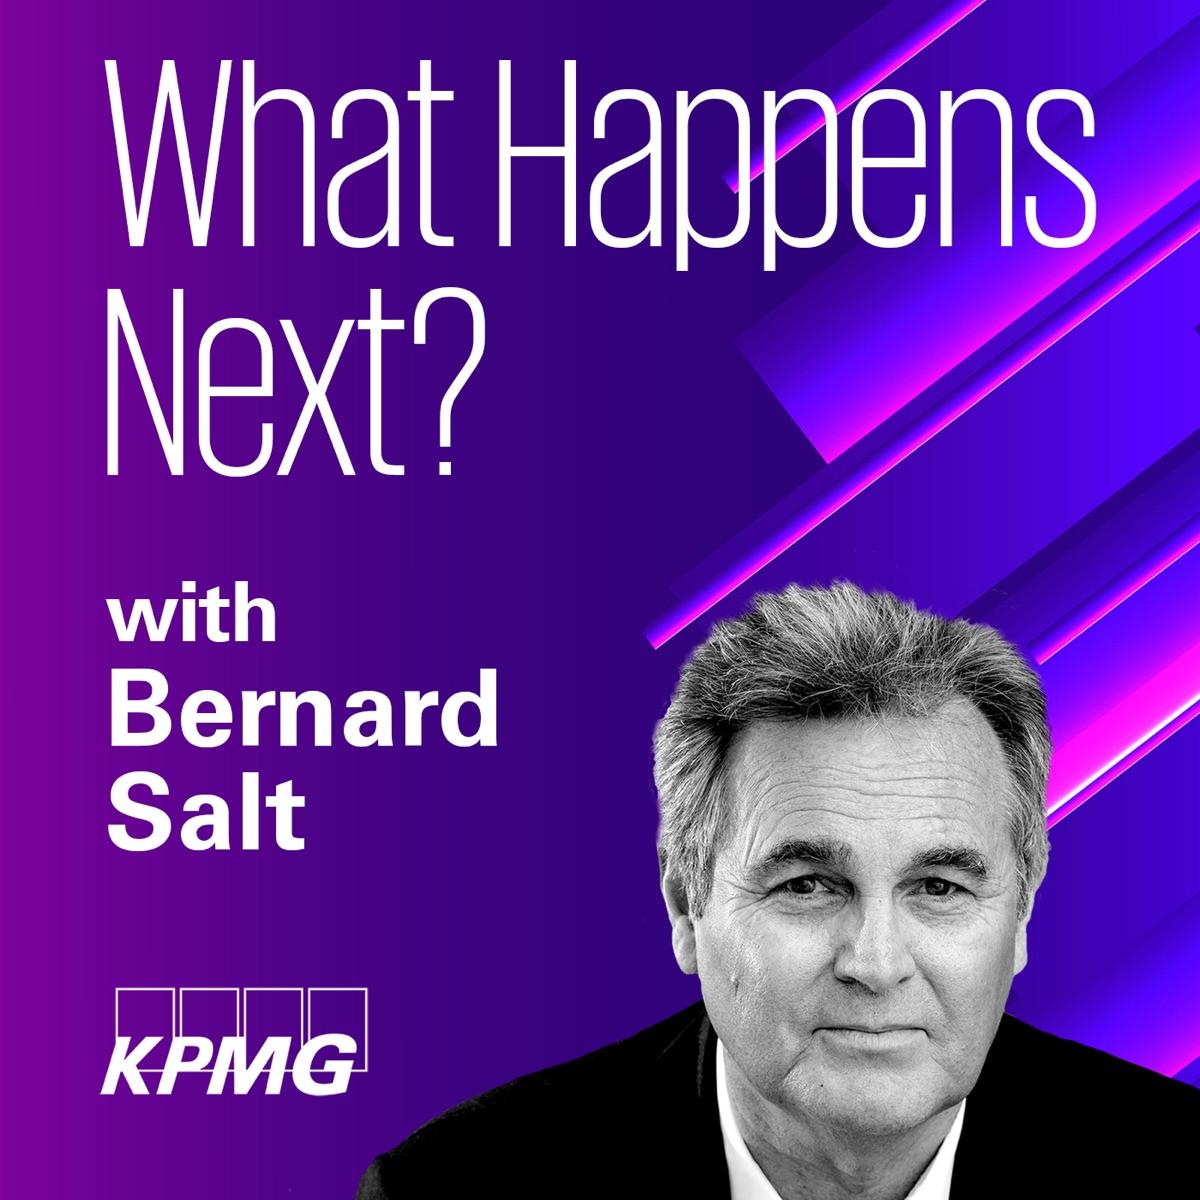 What Happens Next with Bernard Salt